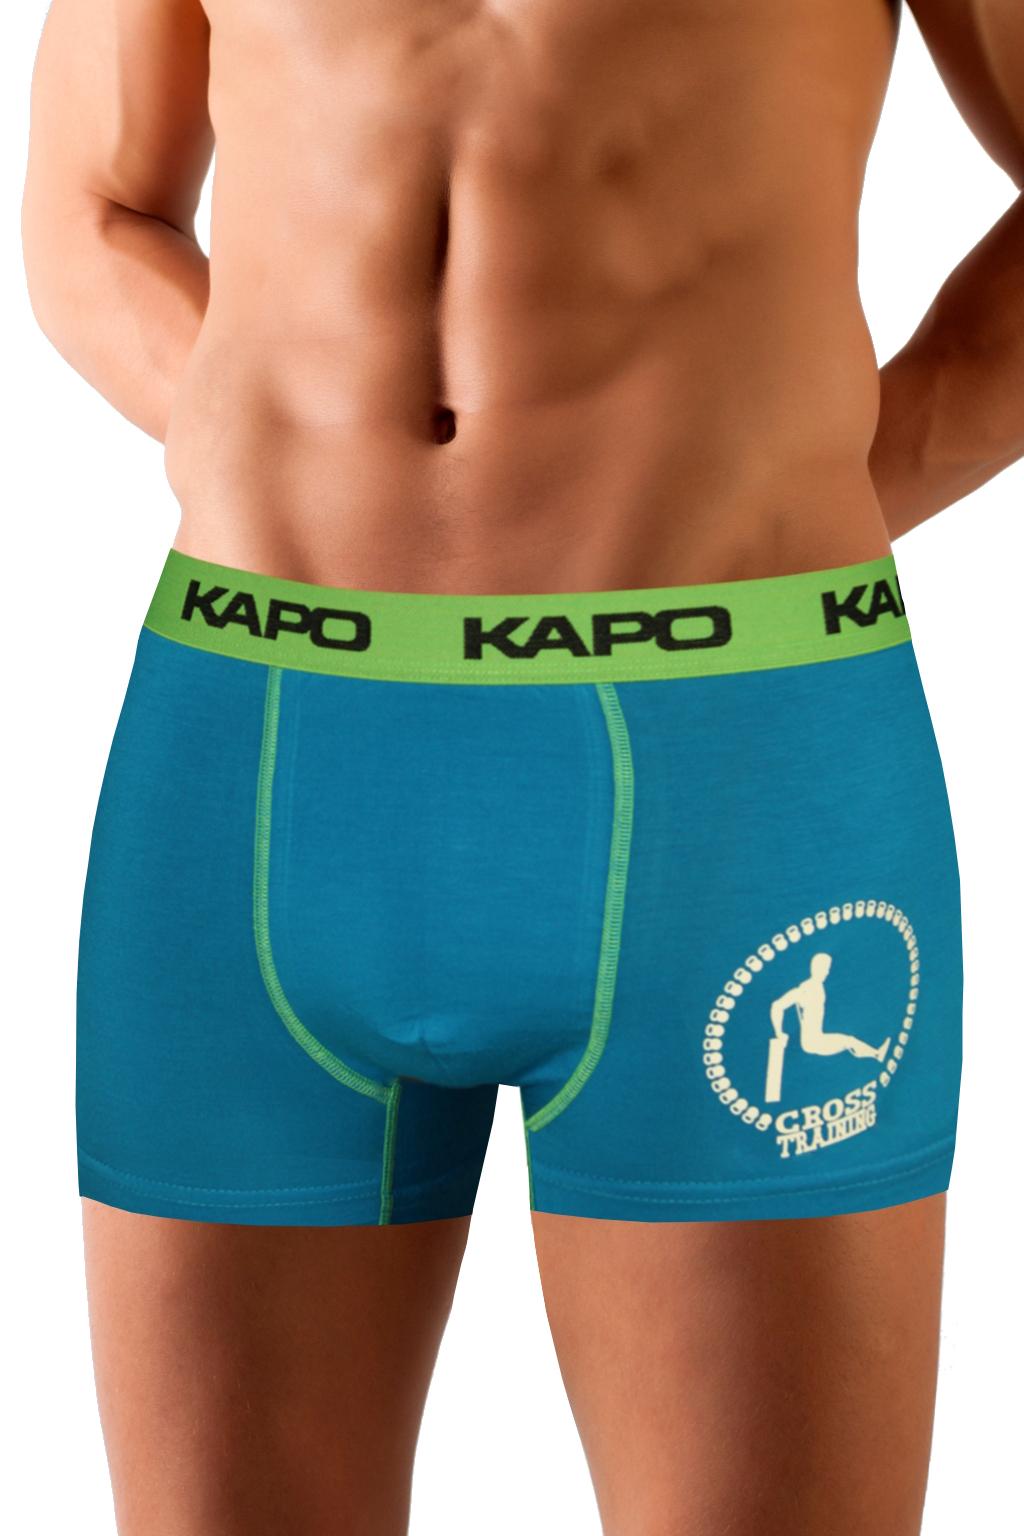 CrossTraining KAPO bambus boxerky XL zelená